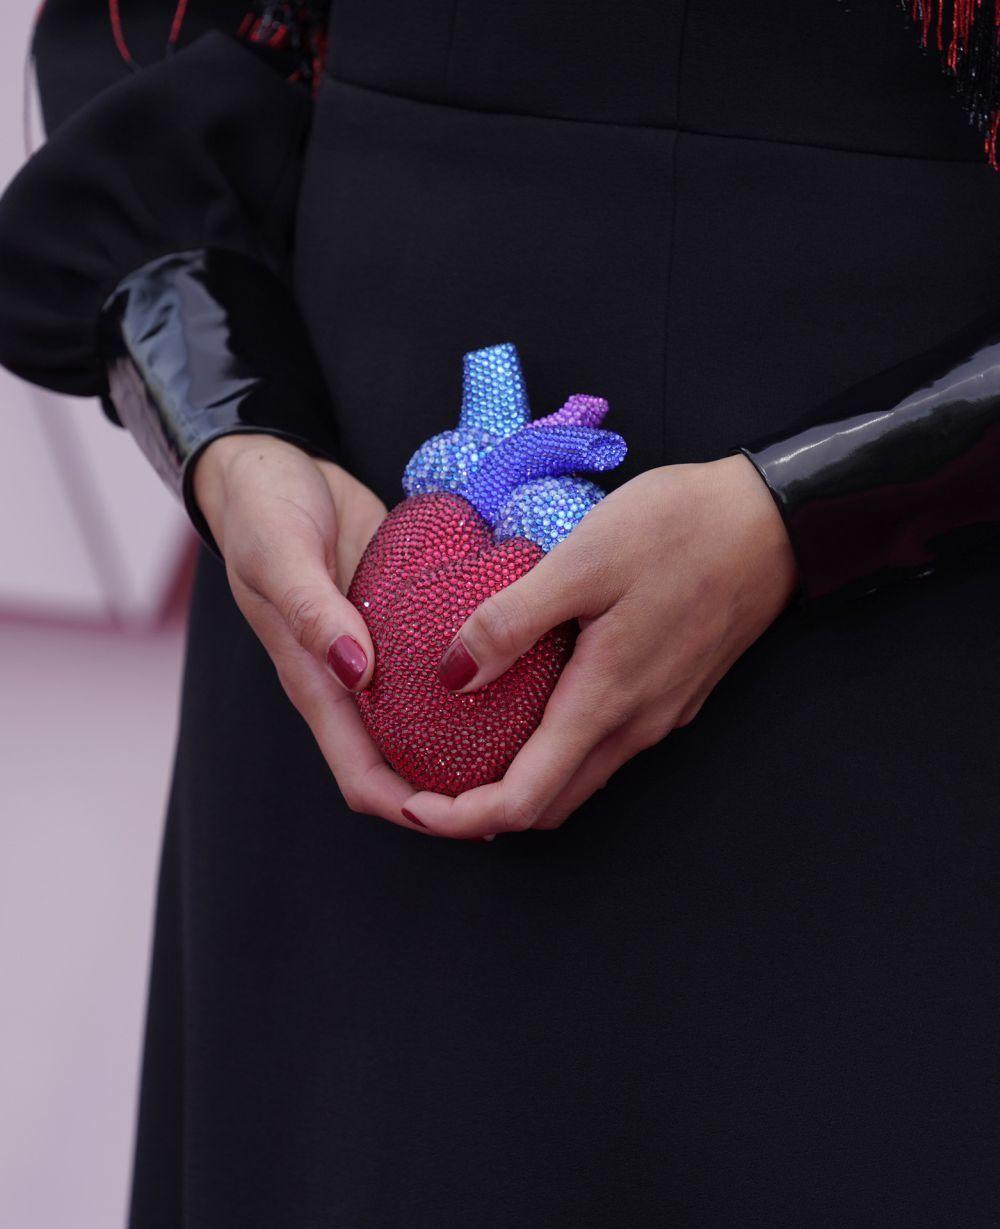 La manicura roja metalizada de Celeste Waite.